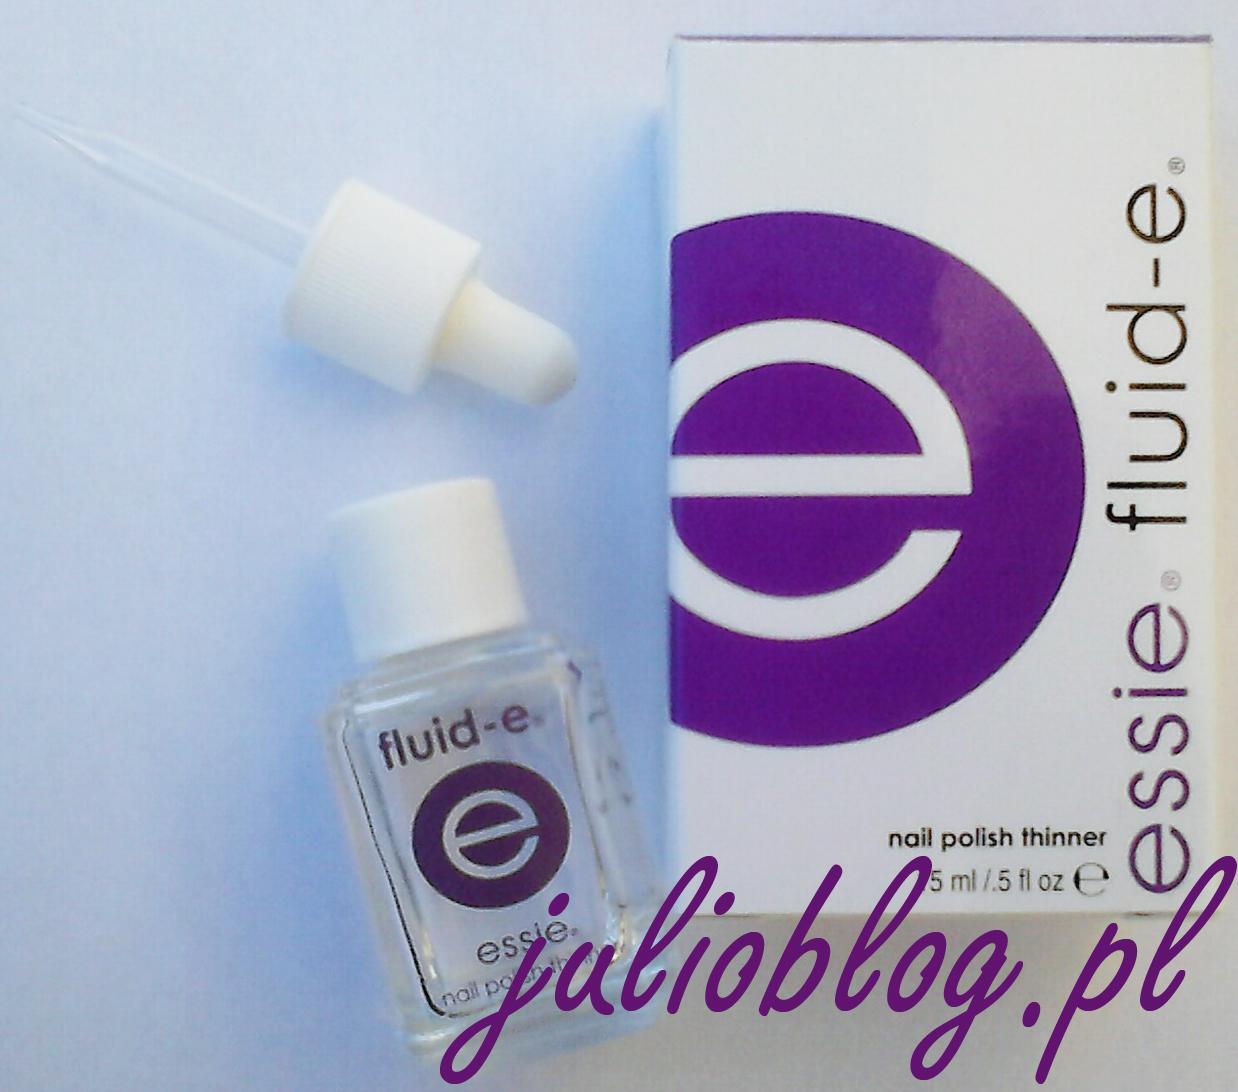 Essie fluid-e 13,5ml. Rozcieńczalnik lakieru do paznokci.